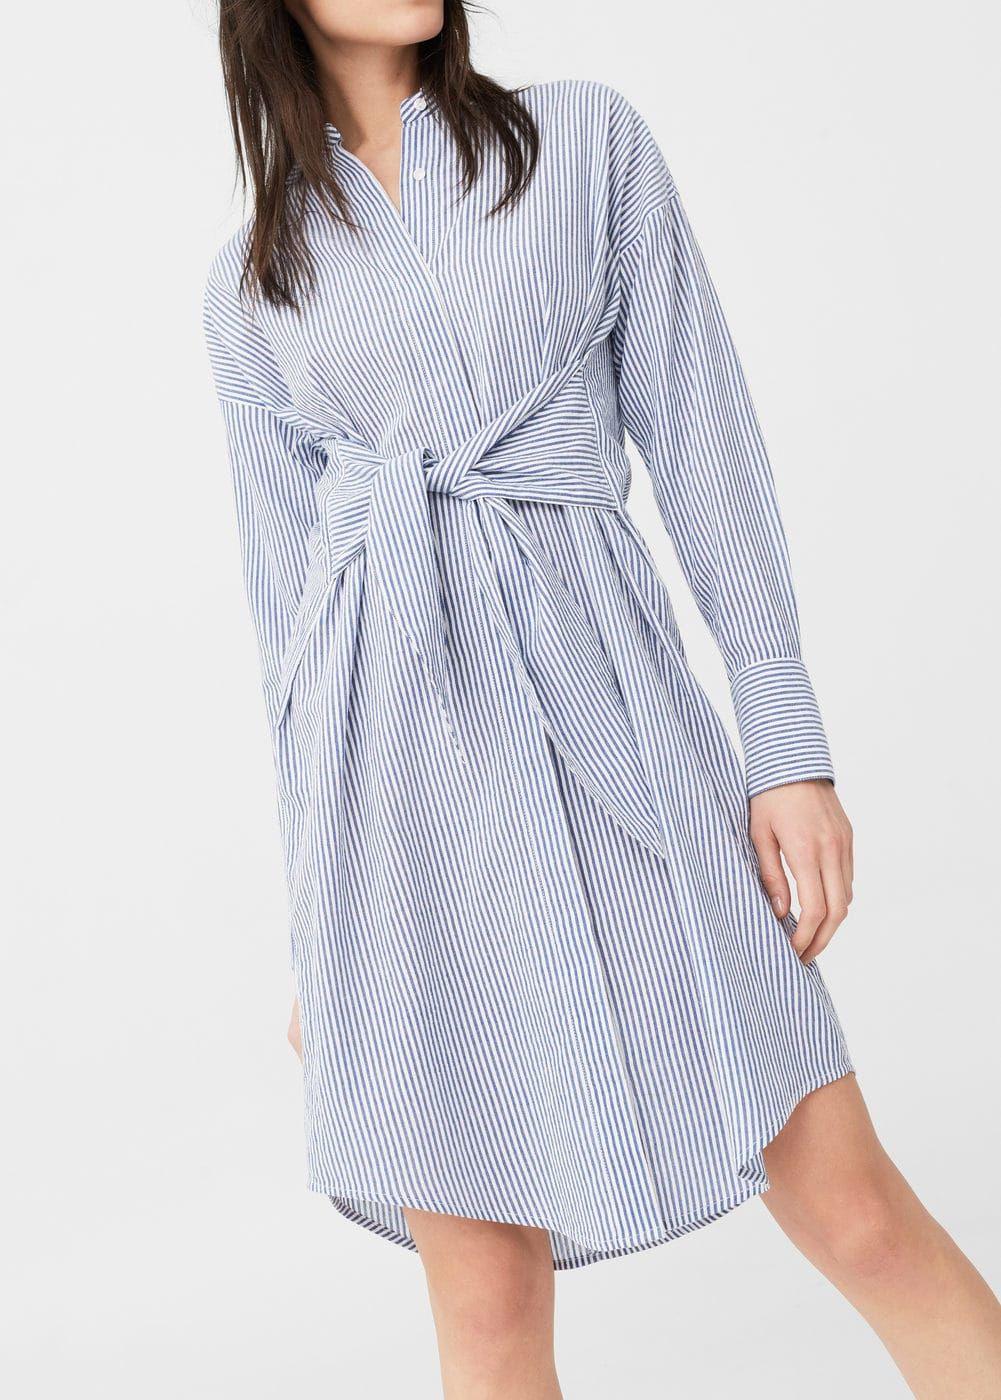 Hemdkleid Aus Baumwolle  Damen  Oberhemden Hemdkleid